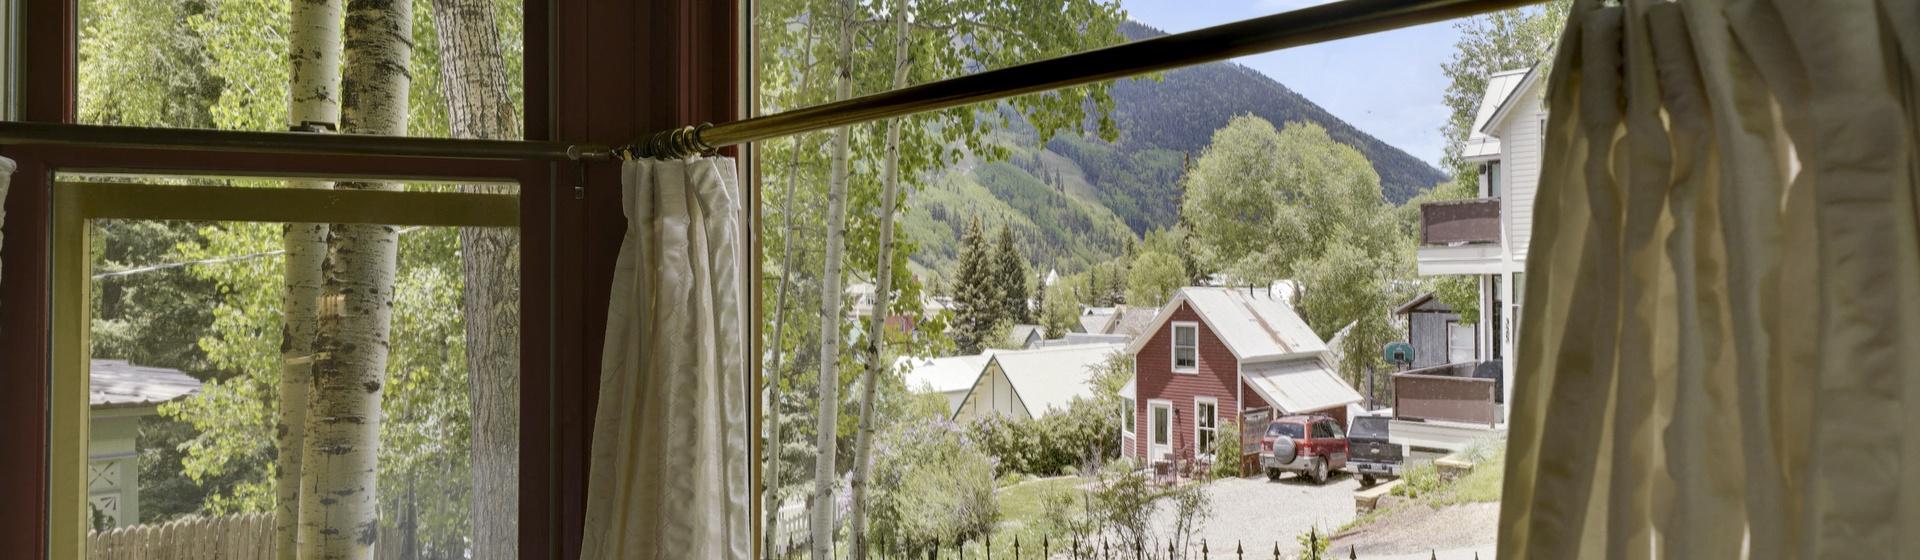 3.03-telluride-summer-haus-bedroom-A-view-web.jpg